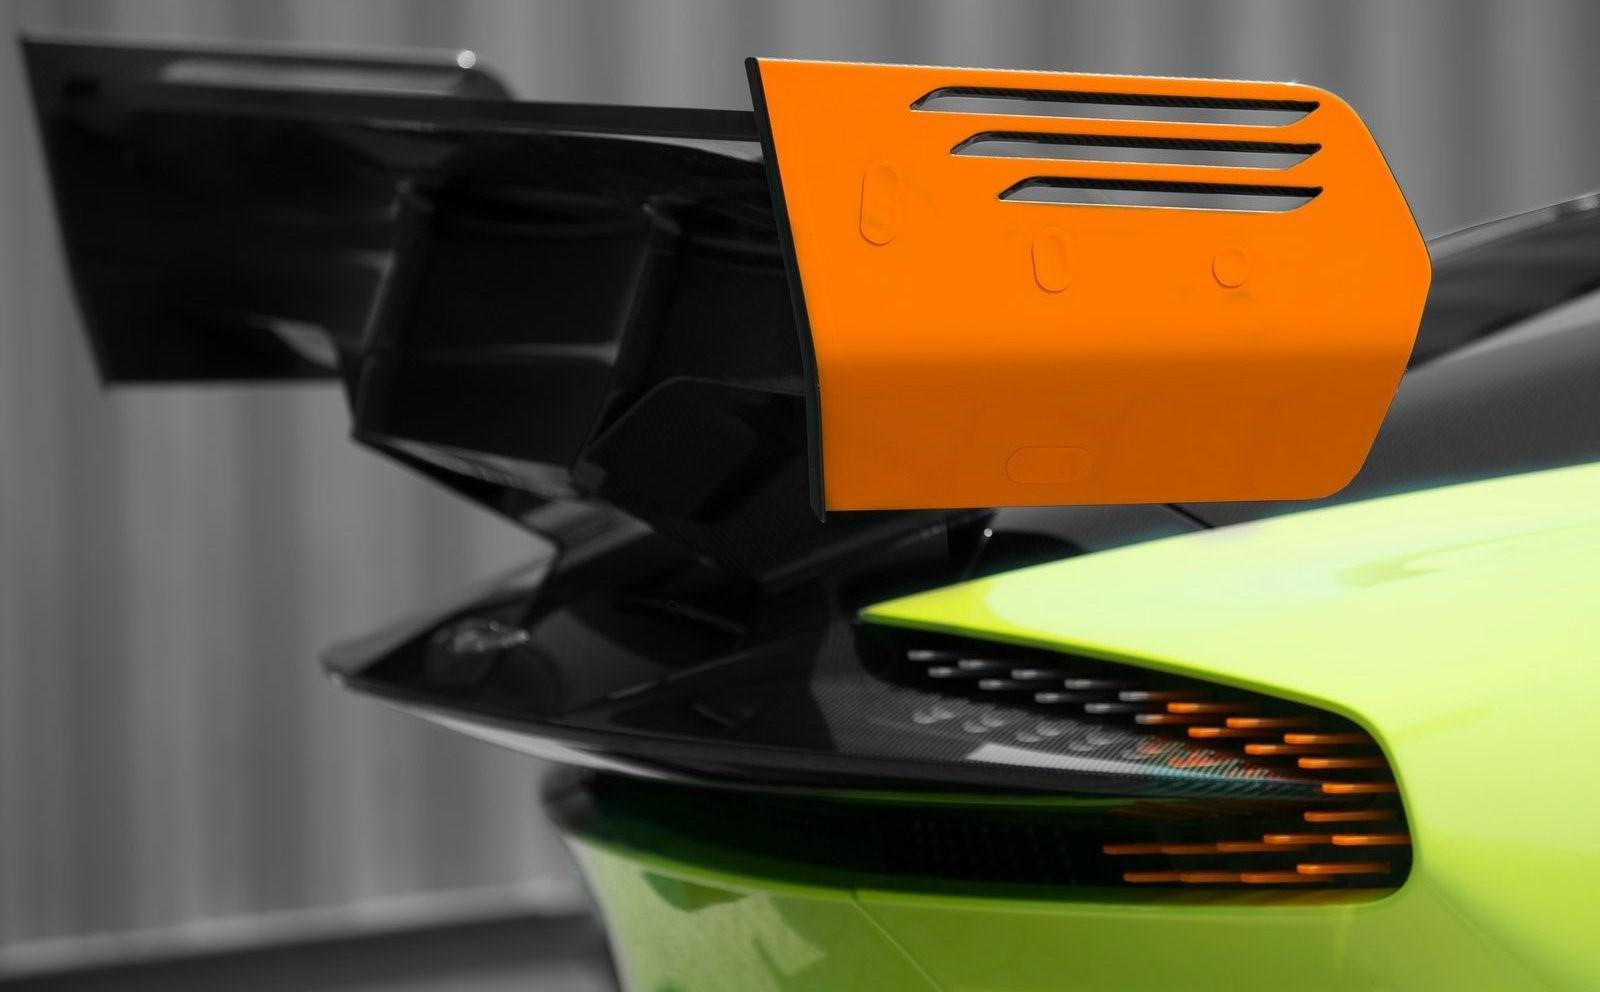 la-voiture-de-piste-la-plus-extreme-au-monde-aston-martin-vulcan-amr-pro-1308-7.jpg